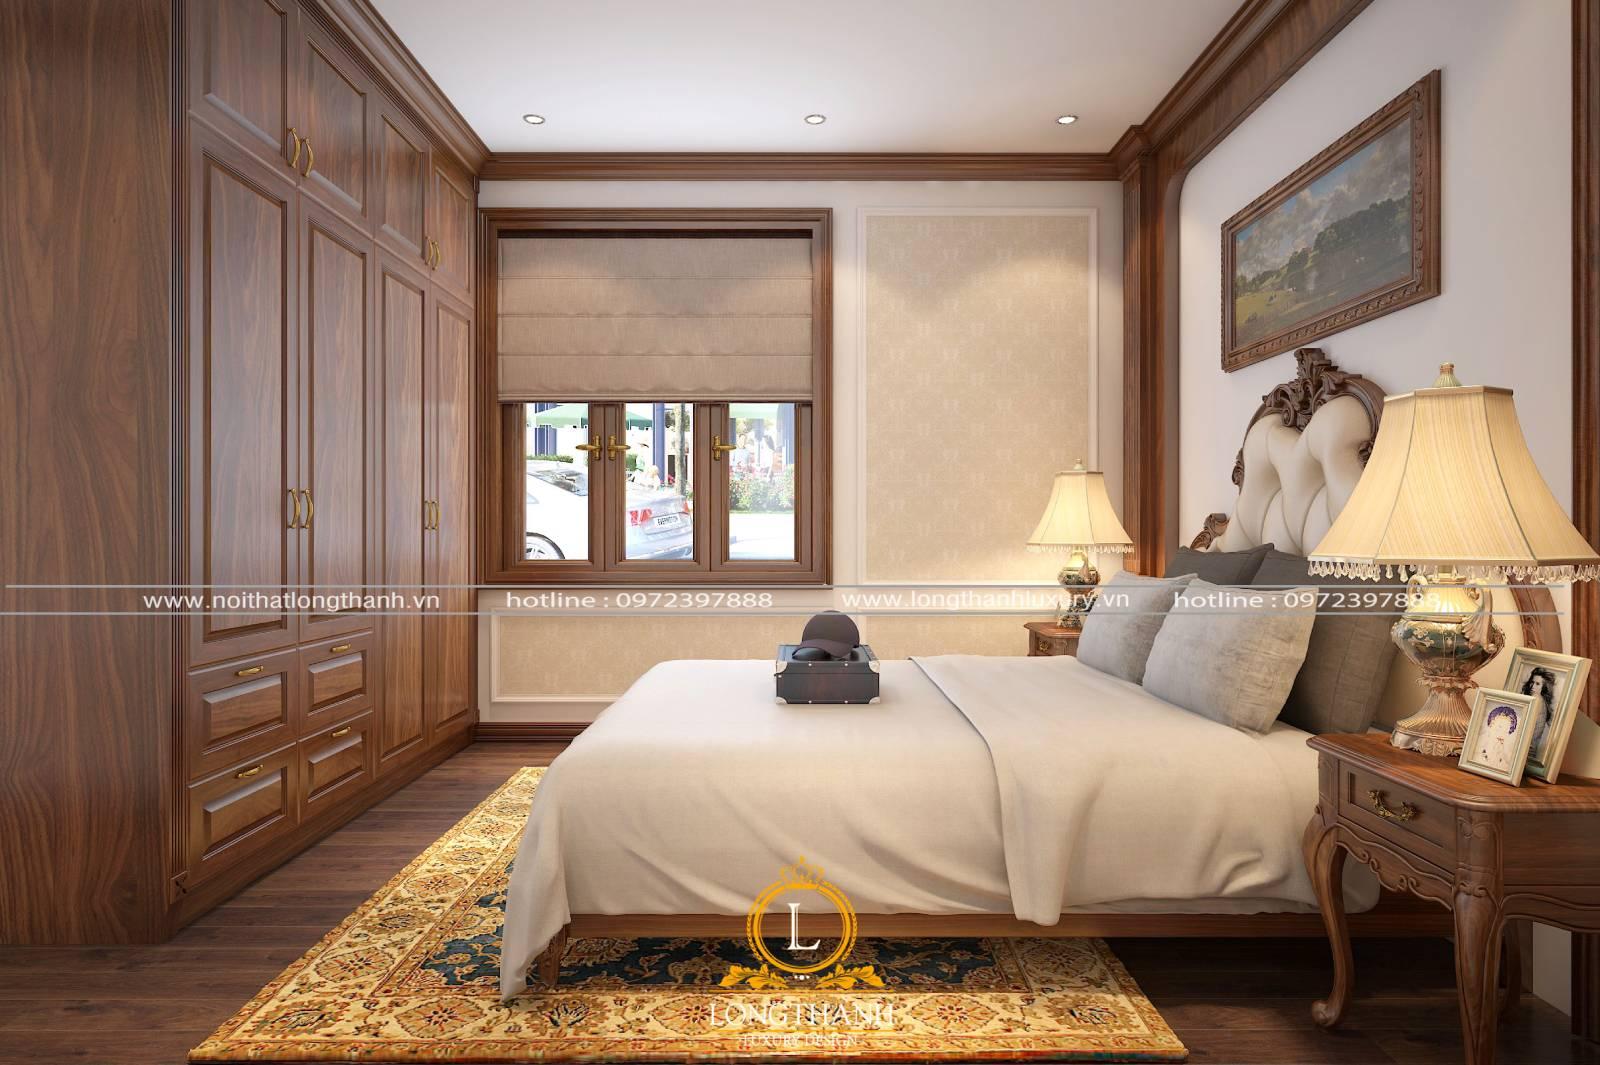 Nội thất phòng ngủ tân cổ điển nhỏ 9m2 sang trọng hiện đại